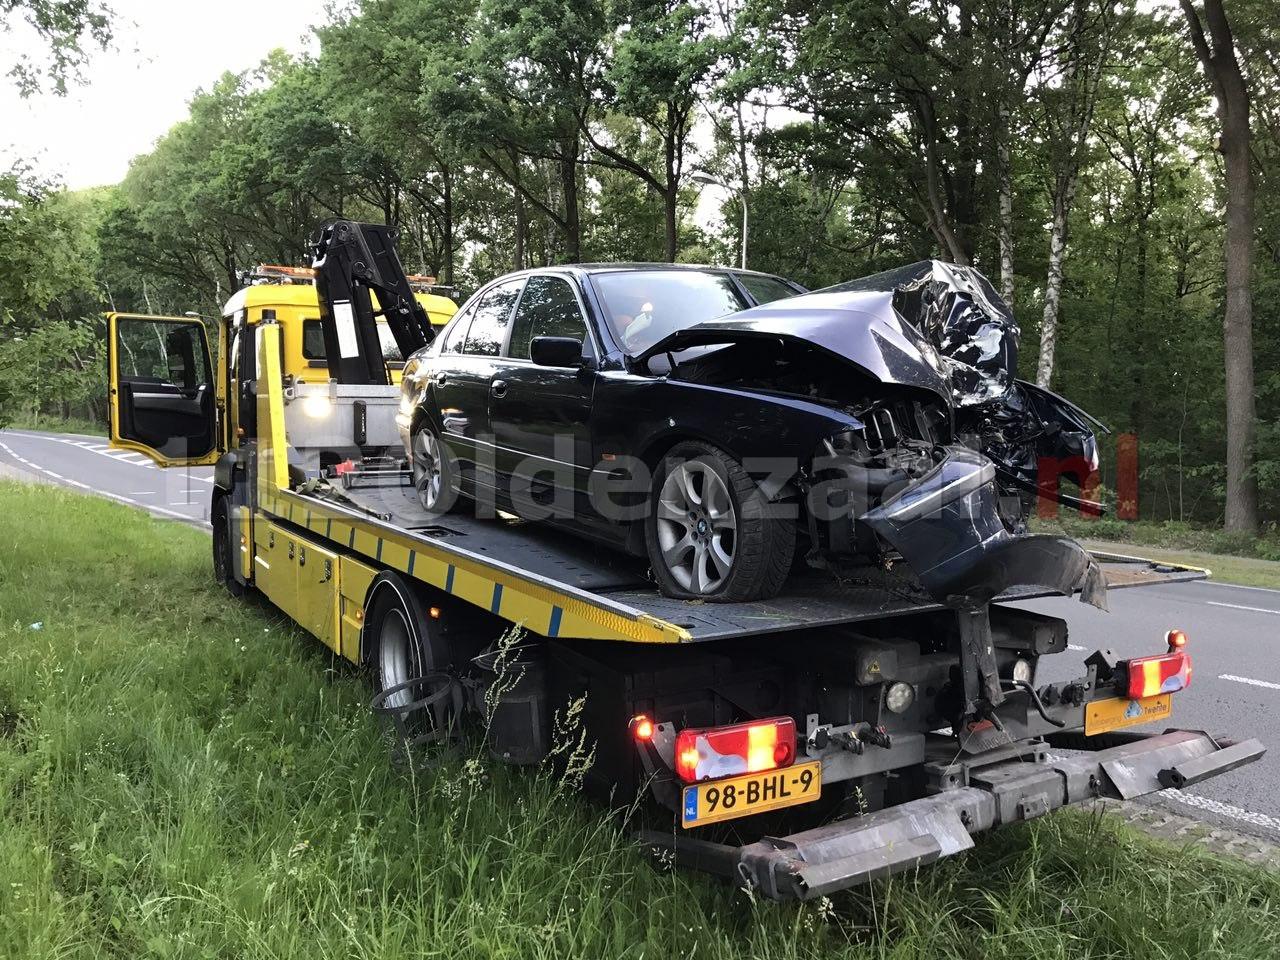 Foto 4: Gewonde bij ongeval tussen Oldenzaal en Losser; auto rijdt tegen boom